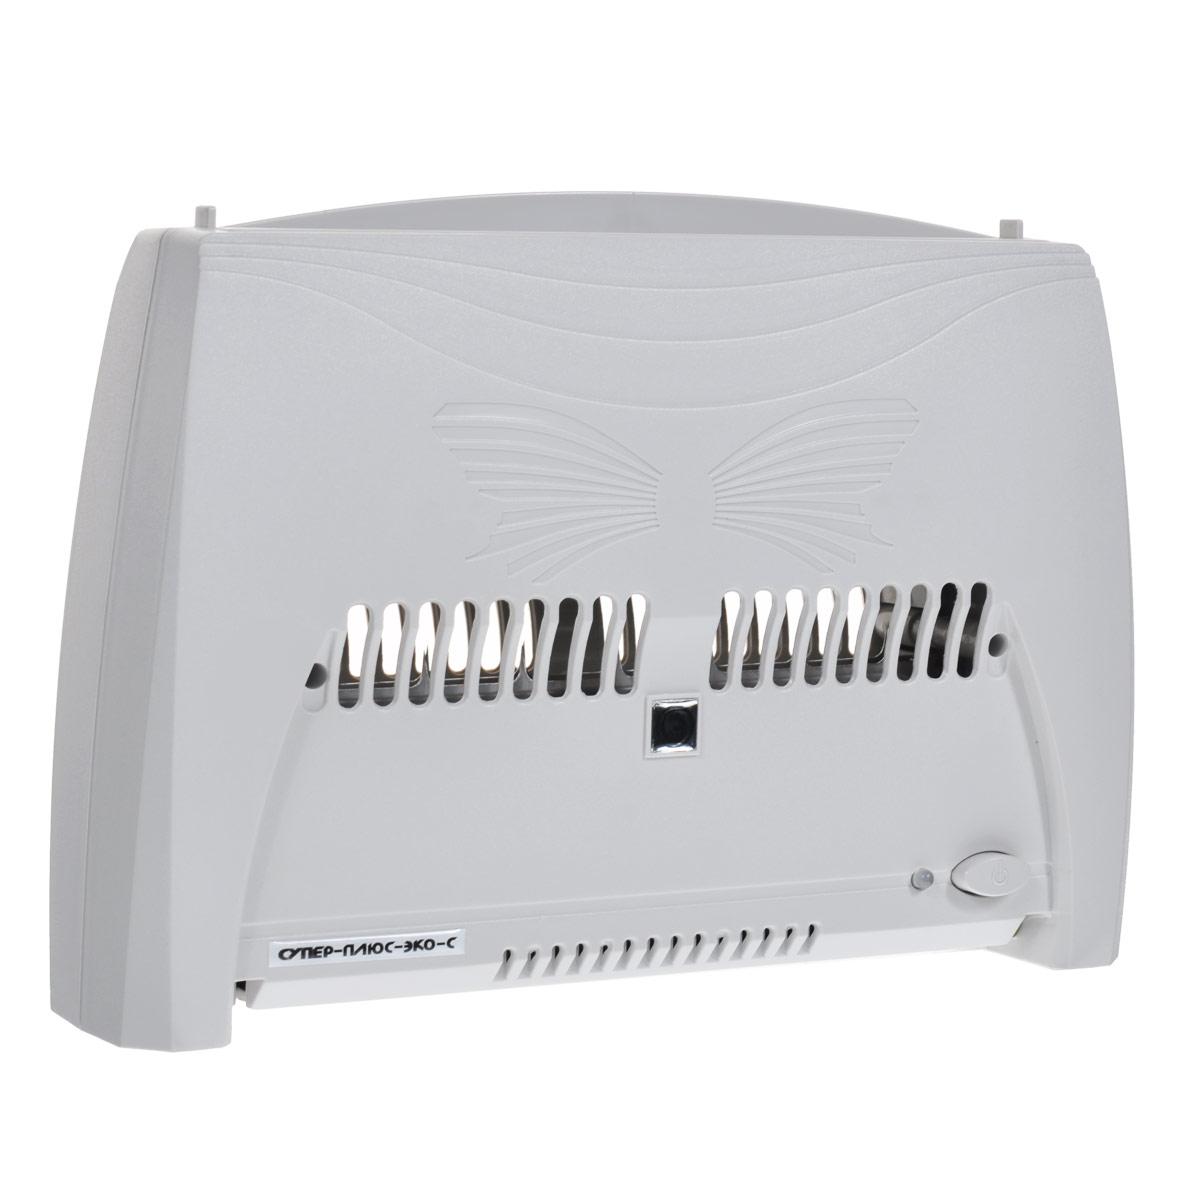 Супер Плюс Эко-С, Silver очиститель-ионизатор воздуха1920Прибор Супер Плюс Эко-С состоит из двух основных частей: корпуса и кассеты. Кассета вставляется в прибор сверху. Электронная система информирует о необходимости помыть кассету отключением прибора и миганием красного индикатора.Работа прибора Супер Плюс Эко-С основана на принципе ионного ветра, который возникает в результате коронного разряда и обеспечивает движение воздуха через кассету прибора. Частицы пыли и аэрозоля, находящиеся в воздухе и невидимые невооруженным глазом, прокачиваются вместе с воздухом через кассету, ионизируются, т.е. приобретают электрический заряд, и под действием электростатического поля прилипают к пластинам, расположенным внутри кассеты.Воздух, проходящий через кассету, также обогащается озоном. Но количество озона, которое образуется в зоне коронного разряда, заметно меньше предельно допустимой концентрации (ПДК). И все же его достаточно для того, чтобы в помещении, в котором работает прибор, уничтожались неприятные запахи, подавлялась жизнедеятельность болезнетворных микробов, бактерий, спор грибков, плесени.Одновременно с очисткой происходит ионизация воздуха. Но в нашем приборе, что очень важно, ионами кислорода обогащается воздух, уже очищенный от пыли! Воздухоочиститель создает оптимальный уровень ионизации воздуха в помещении в соответствии с природными показателями и требованиями санитарно-гигиенических норм.Размер улавливаемых частиц в пределах: 0,3-100 мкмКоэффициент фильтрации: до 90 %Концентрация отрицательных аэроионов на расстоянии 1м: до 20000 ион/см3Концентрация озона в помещении: не более 10 мкг/м3Работает без сменных фильтровРежимы работы: минимальный, оптимальный, максимальныйПлощадь обслуживаемого помещения: до 70 м3